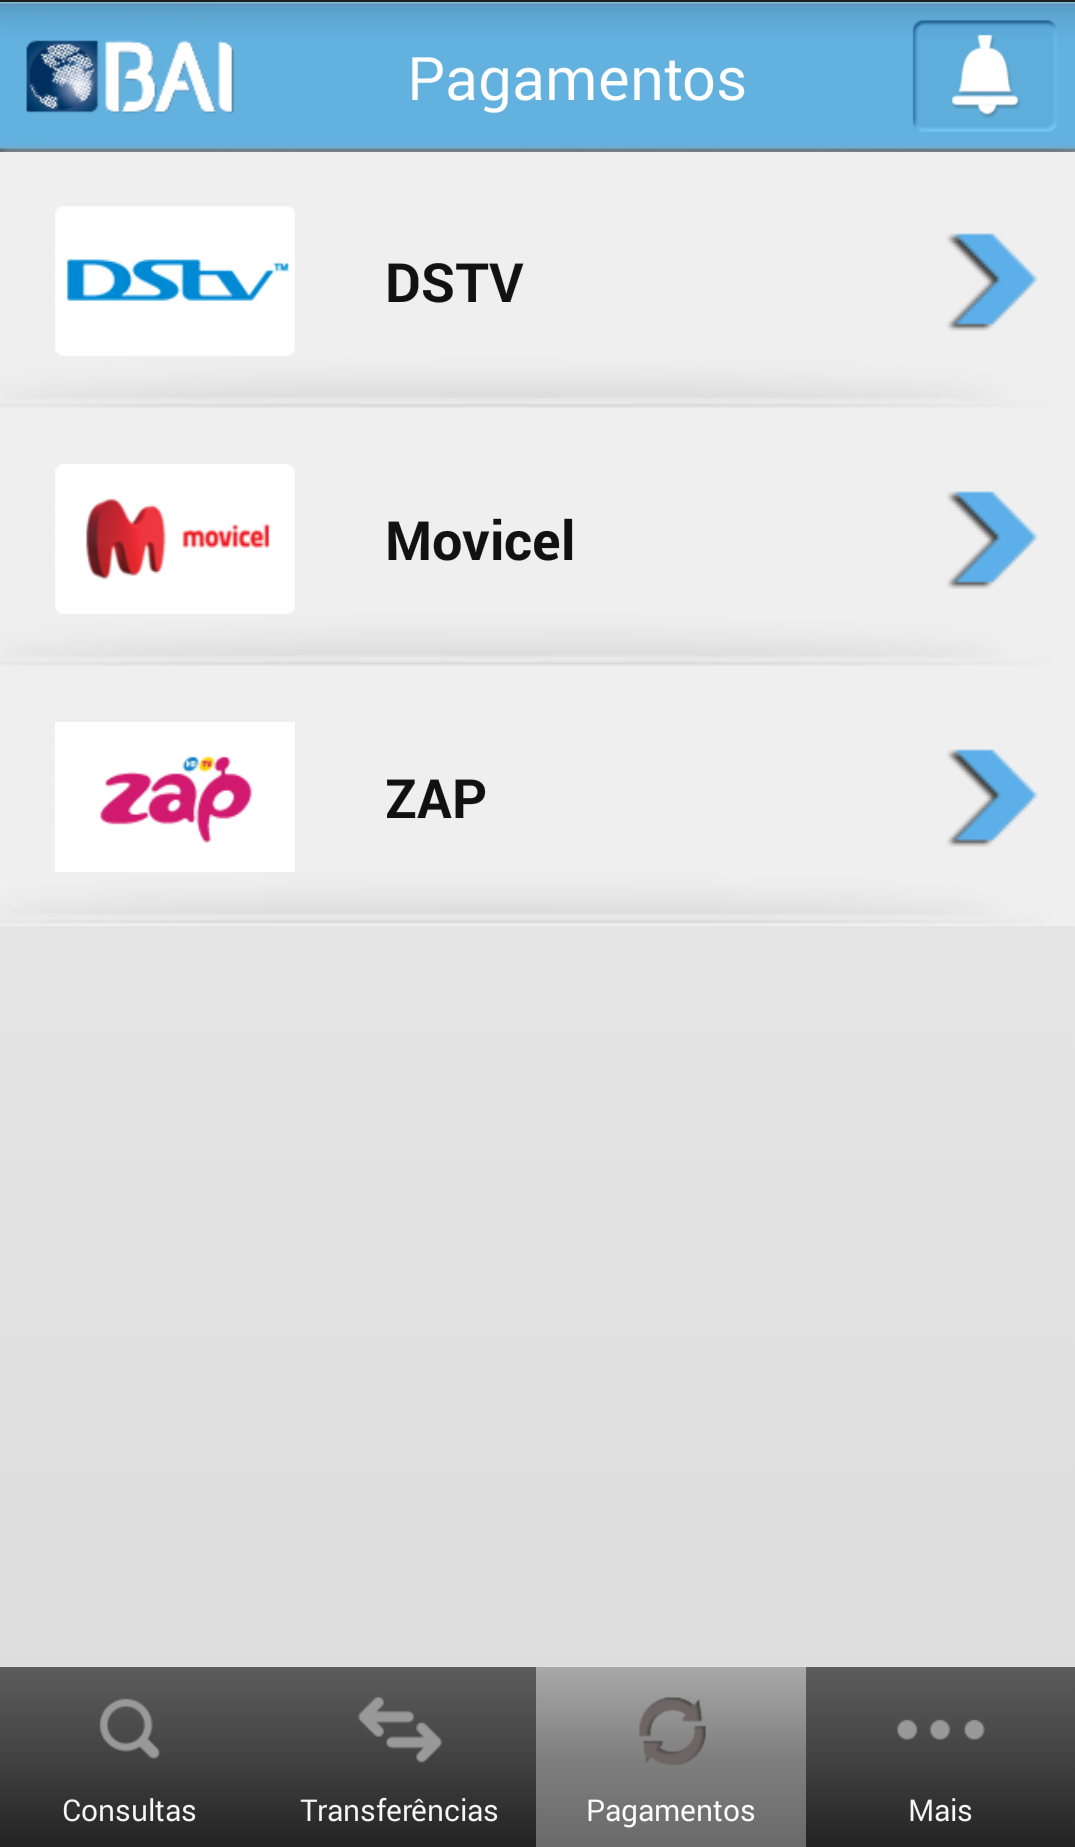 BAI Mobile - Pagamentos